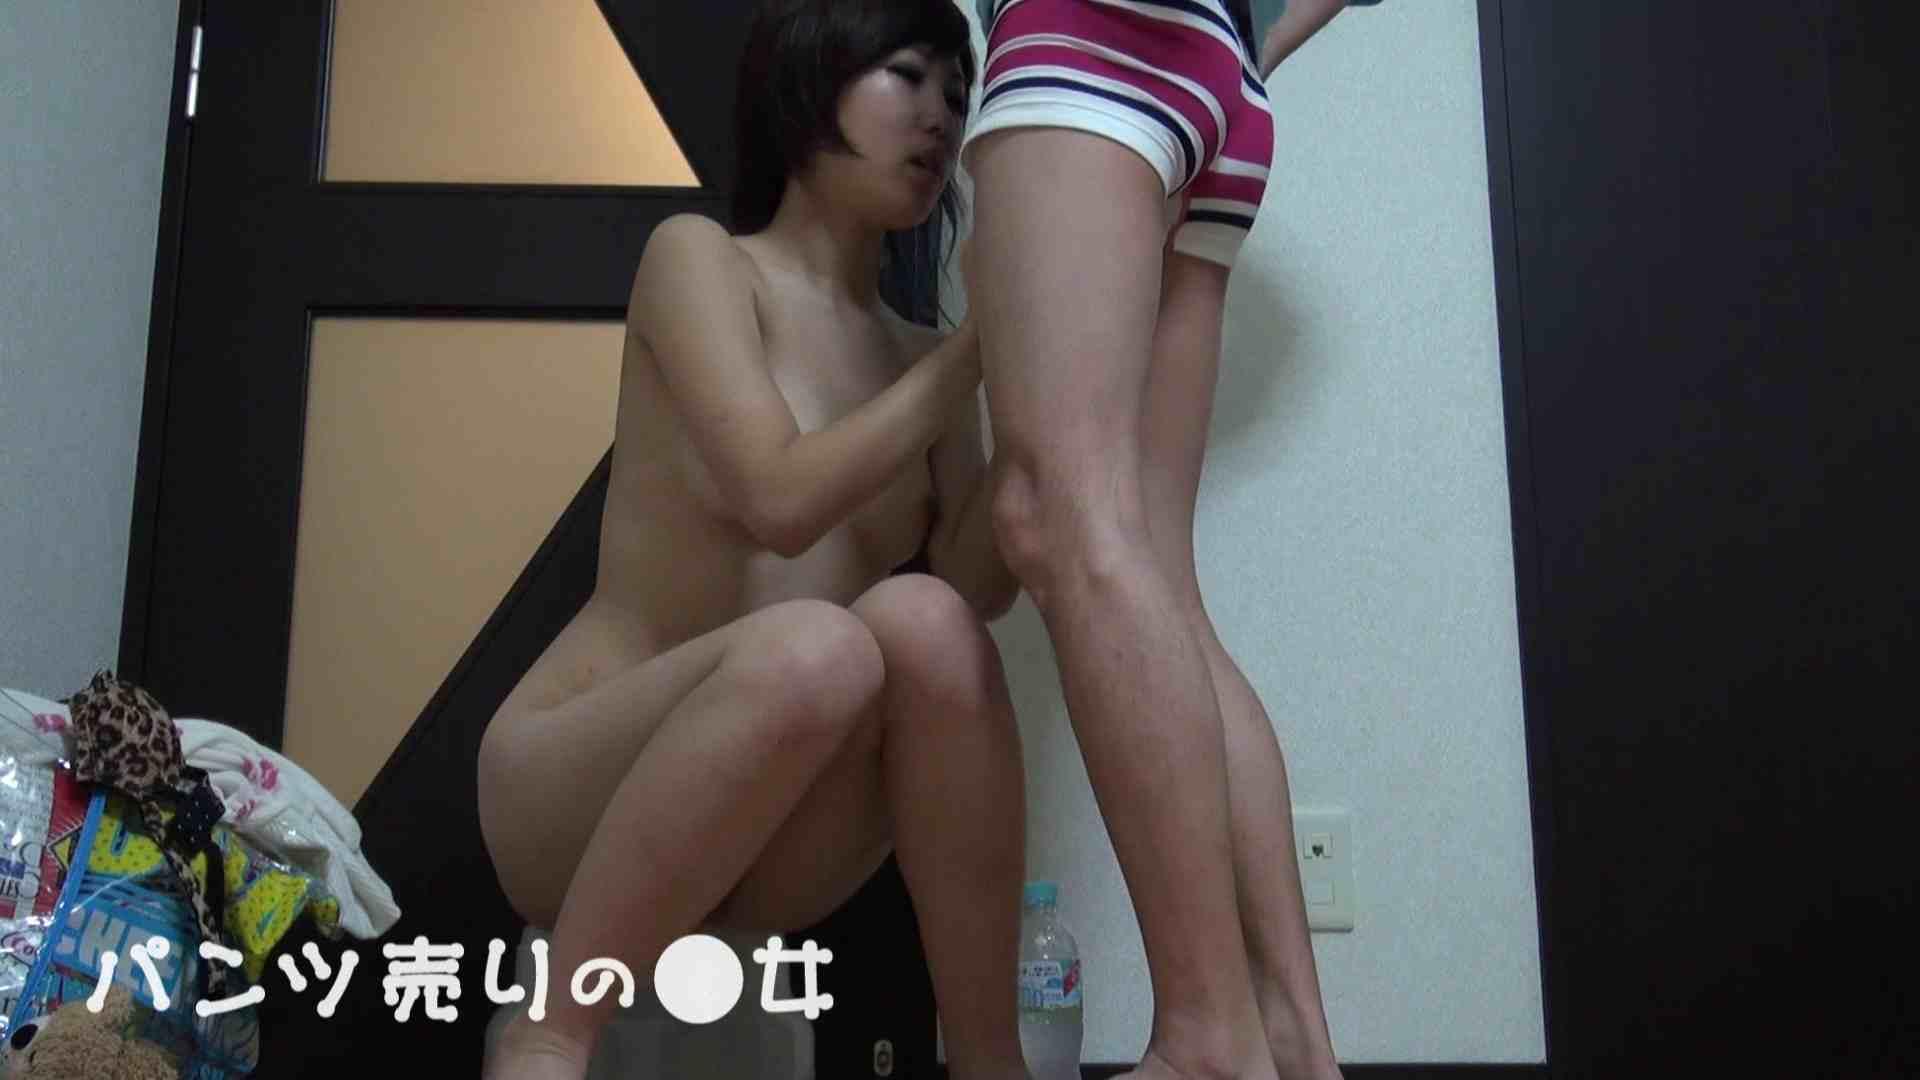 新説 パンツ売りの女の子nana02 おまんこ  102連発 45